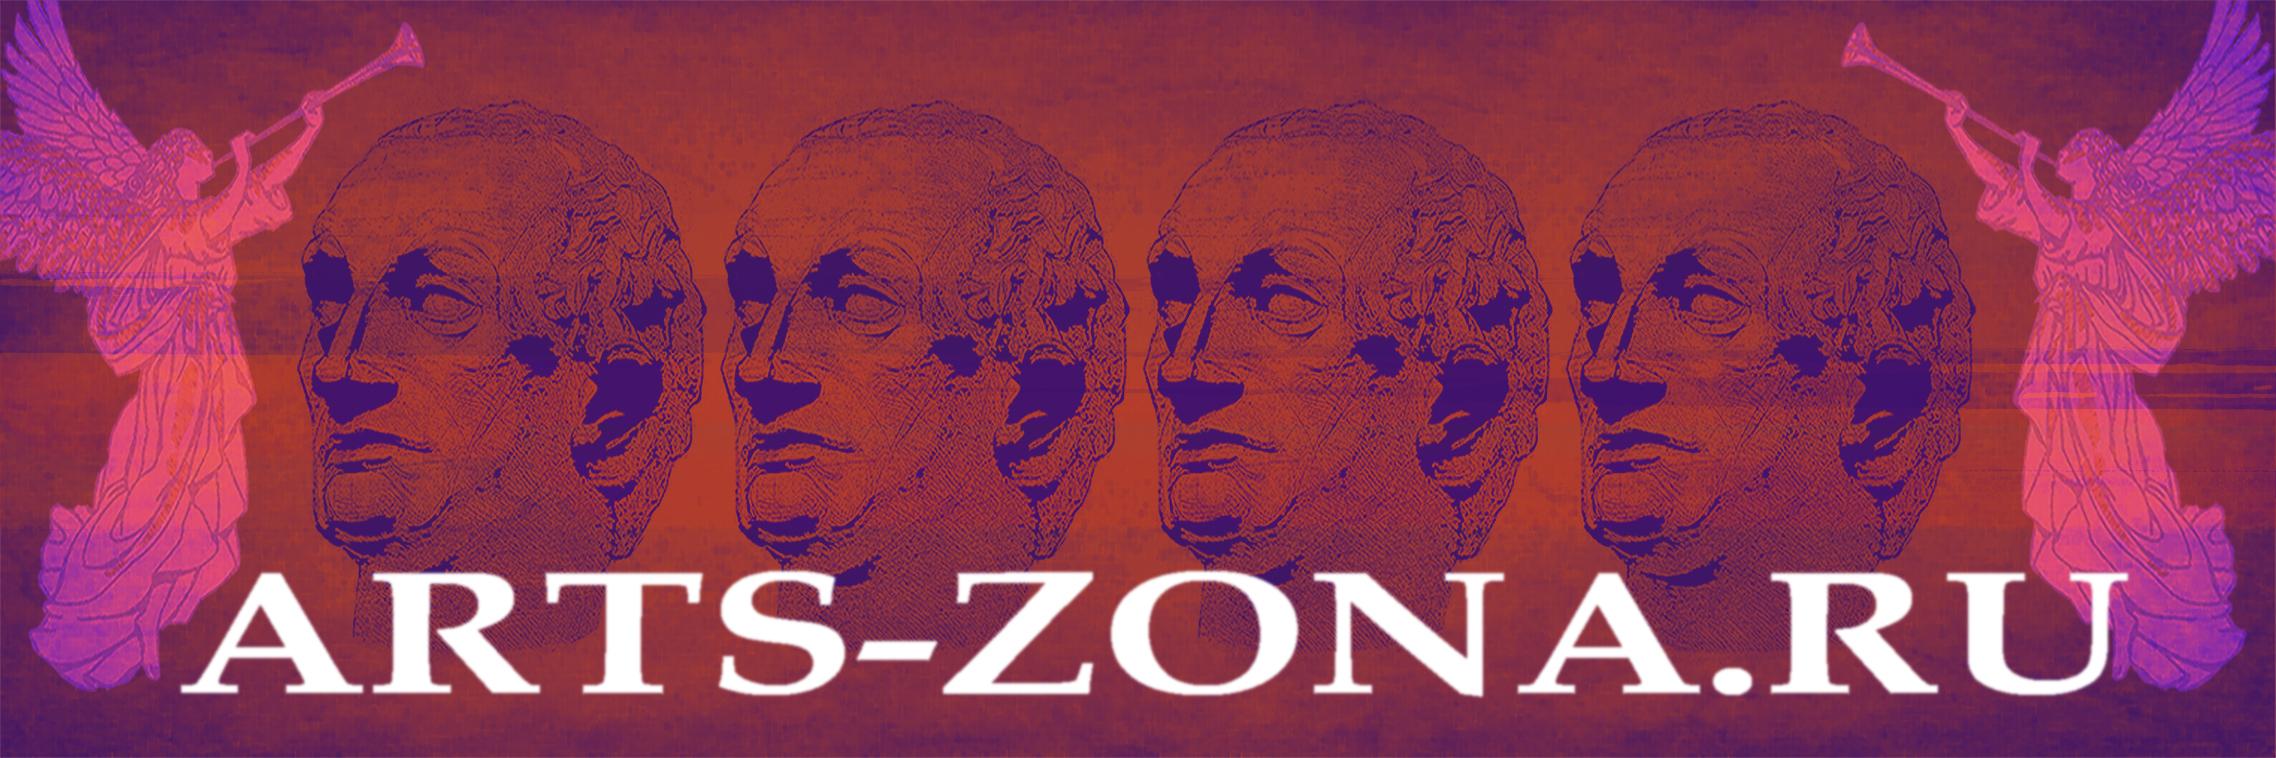 Мероприятия Арт-зоны 5 февраля